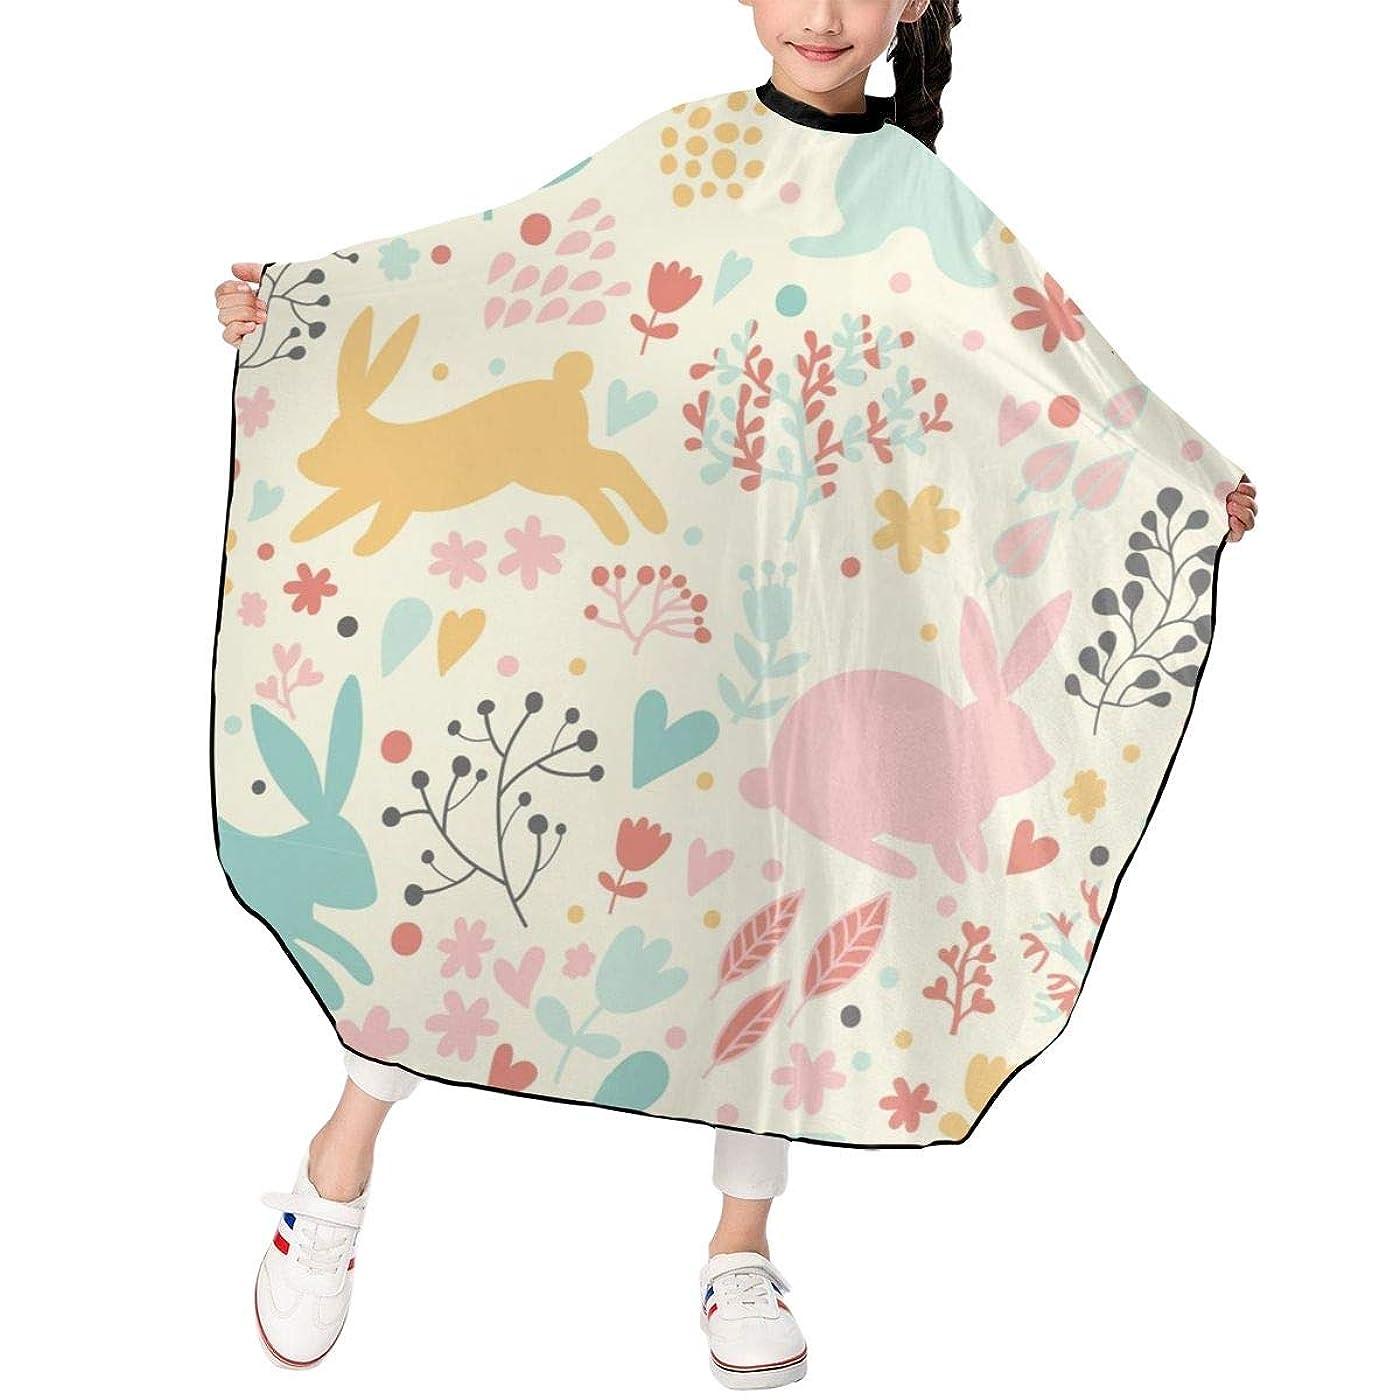 ダイジェストまあむき出しウサギと花柄 シルエット 散髪ケープ ヘアーエプロン キッズ ヘアカット 自宅 美容室 理髪 操作やすい 散髪 撥水加工 静電気防止 柔らか 滑らか 高級感 ファッション 男女兼用 プレゼント